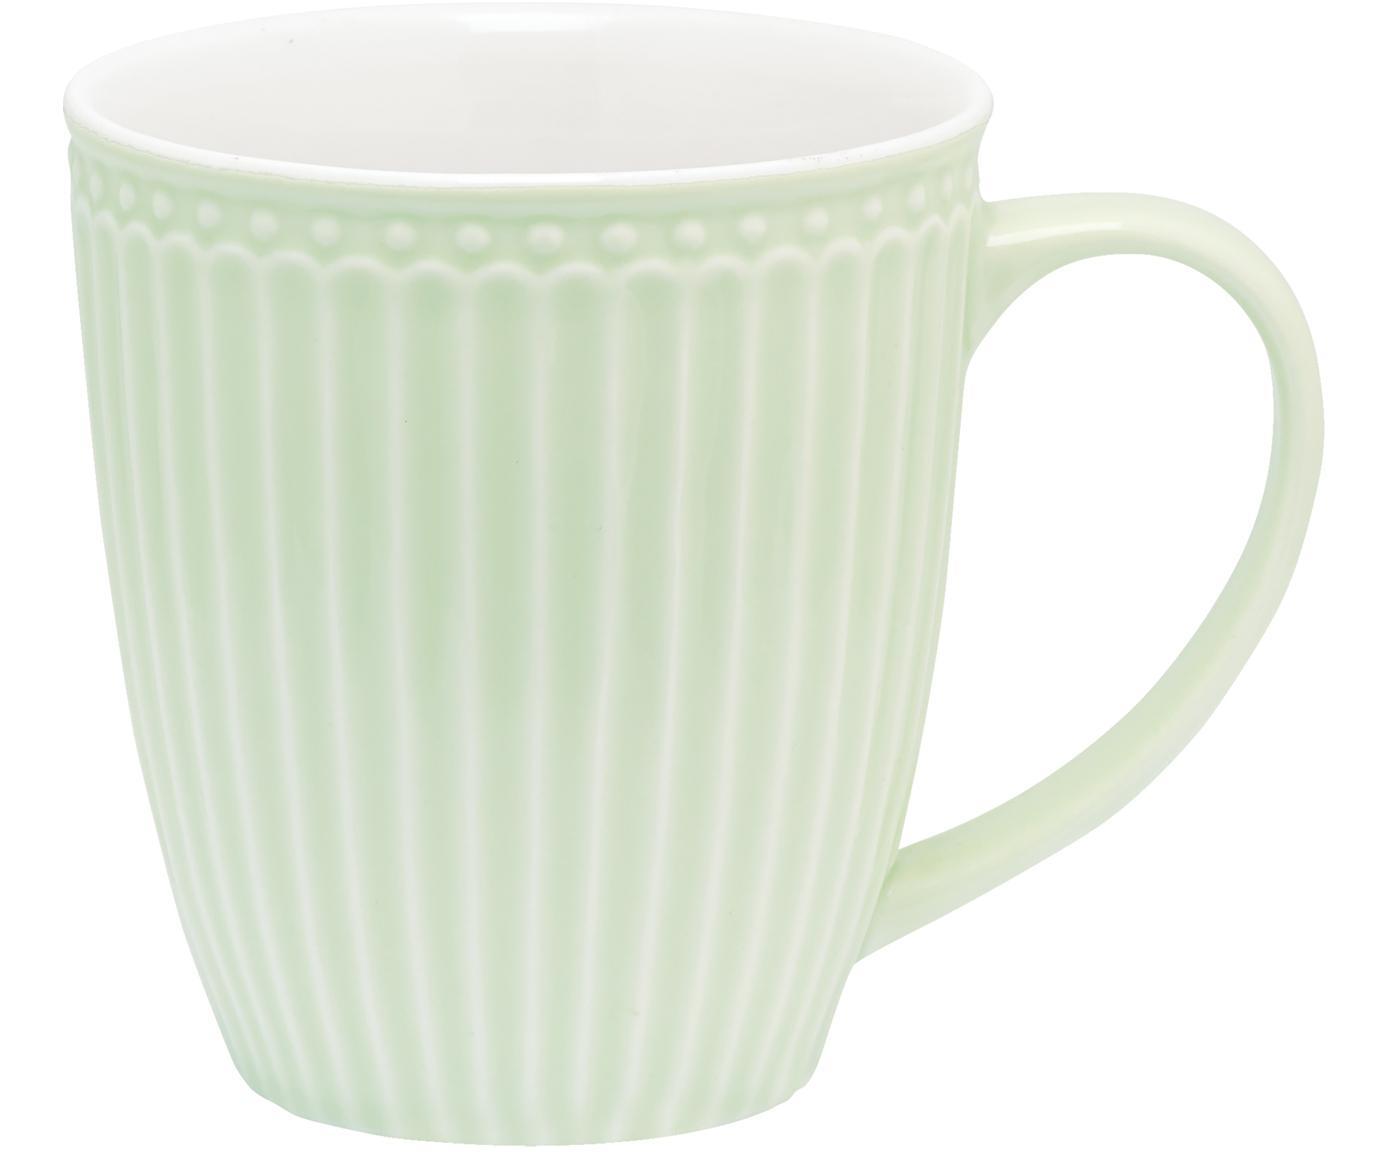 Handgefertigte Tassen Alice in Pastellgrün mit Reliefdesign, 2 Stück, Steingut, Mintgrün, Ø 10 x H 10 cm